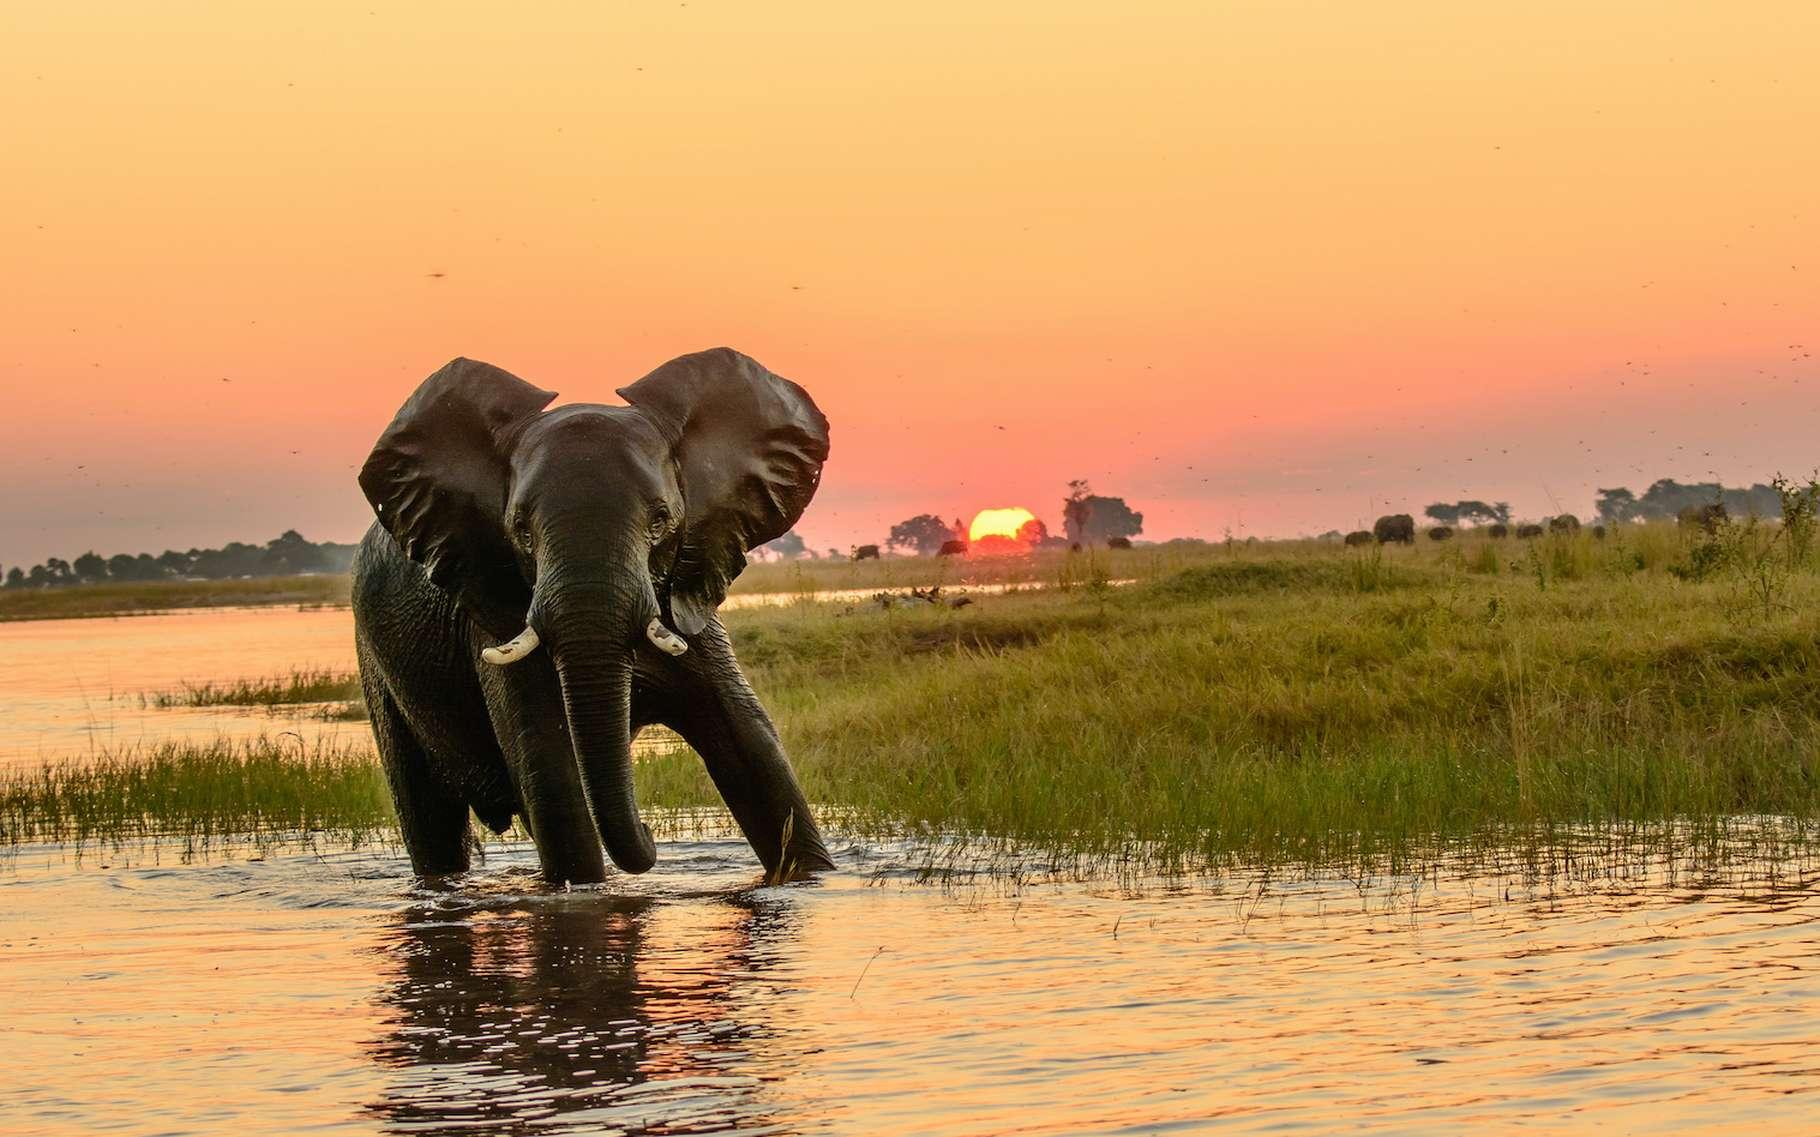 Au Botswana, on trouve la plus grande population d'éléphants d'Afrique. Mais un mal mystérieux semble les toucher depuis 2020. © jtplatt, Adobe Stock